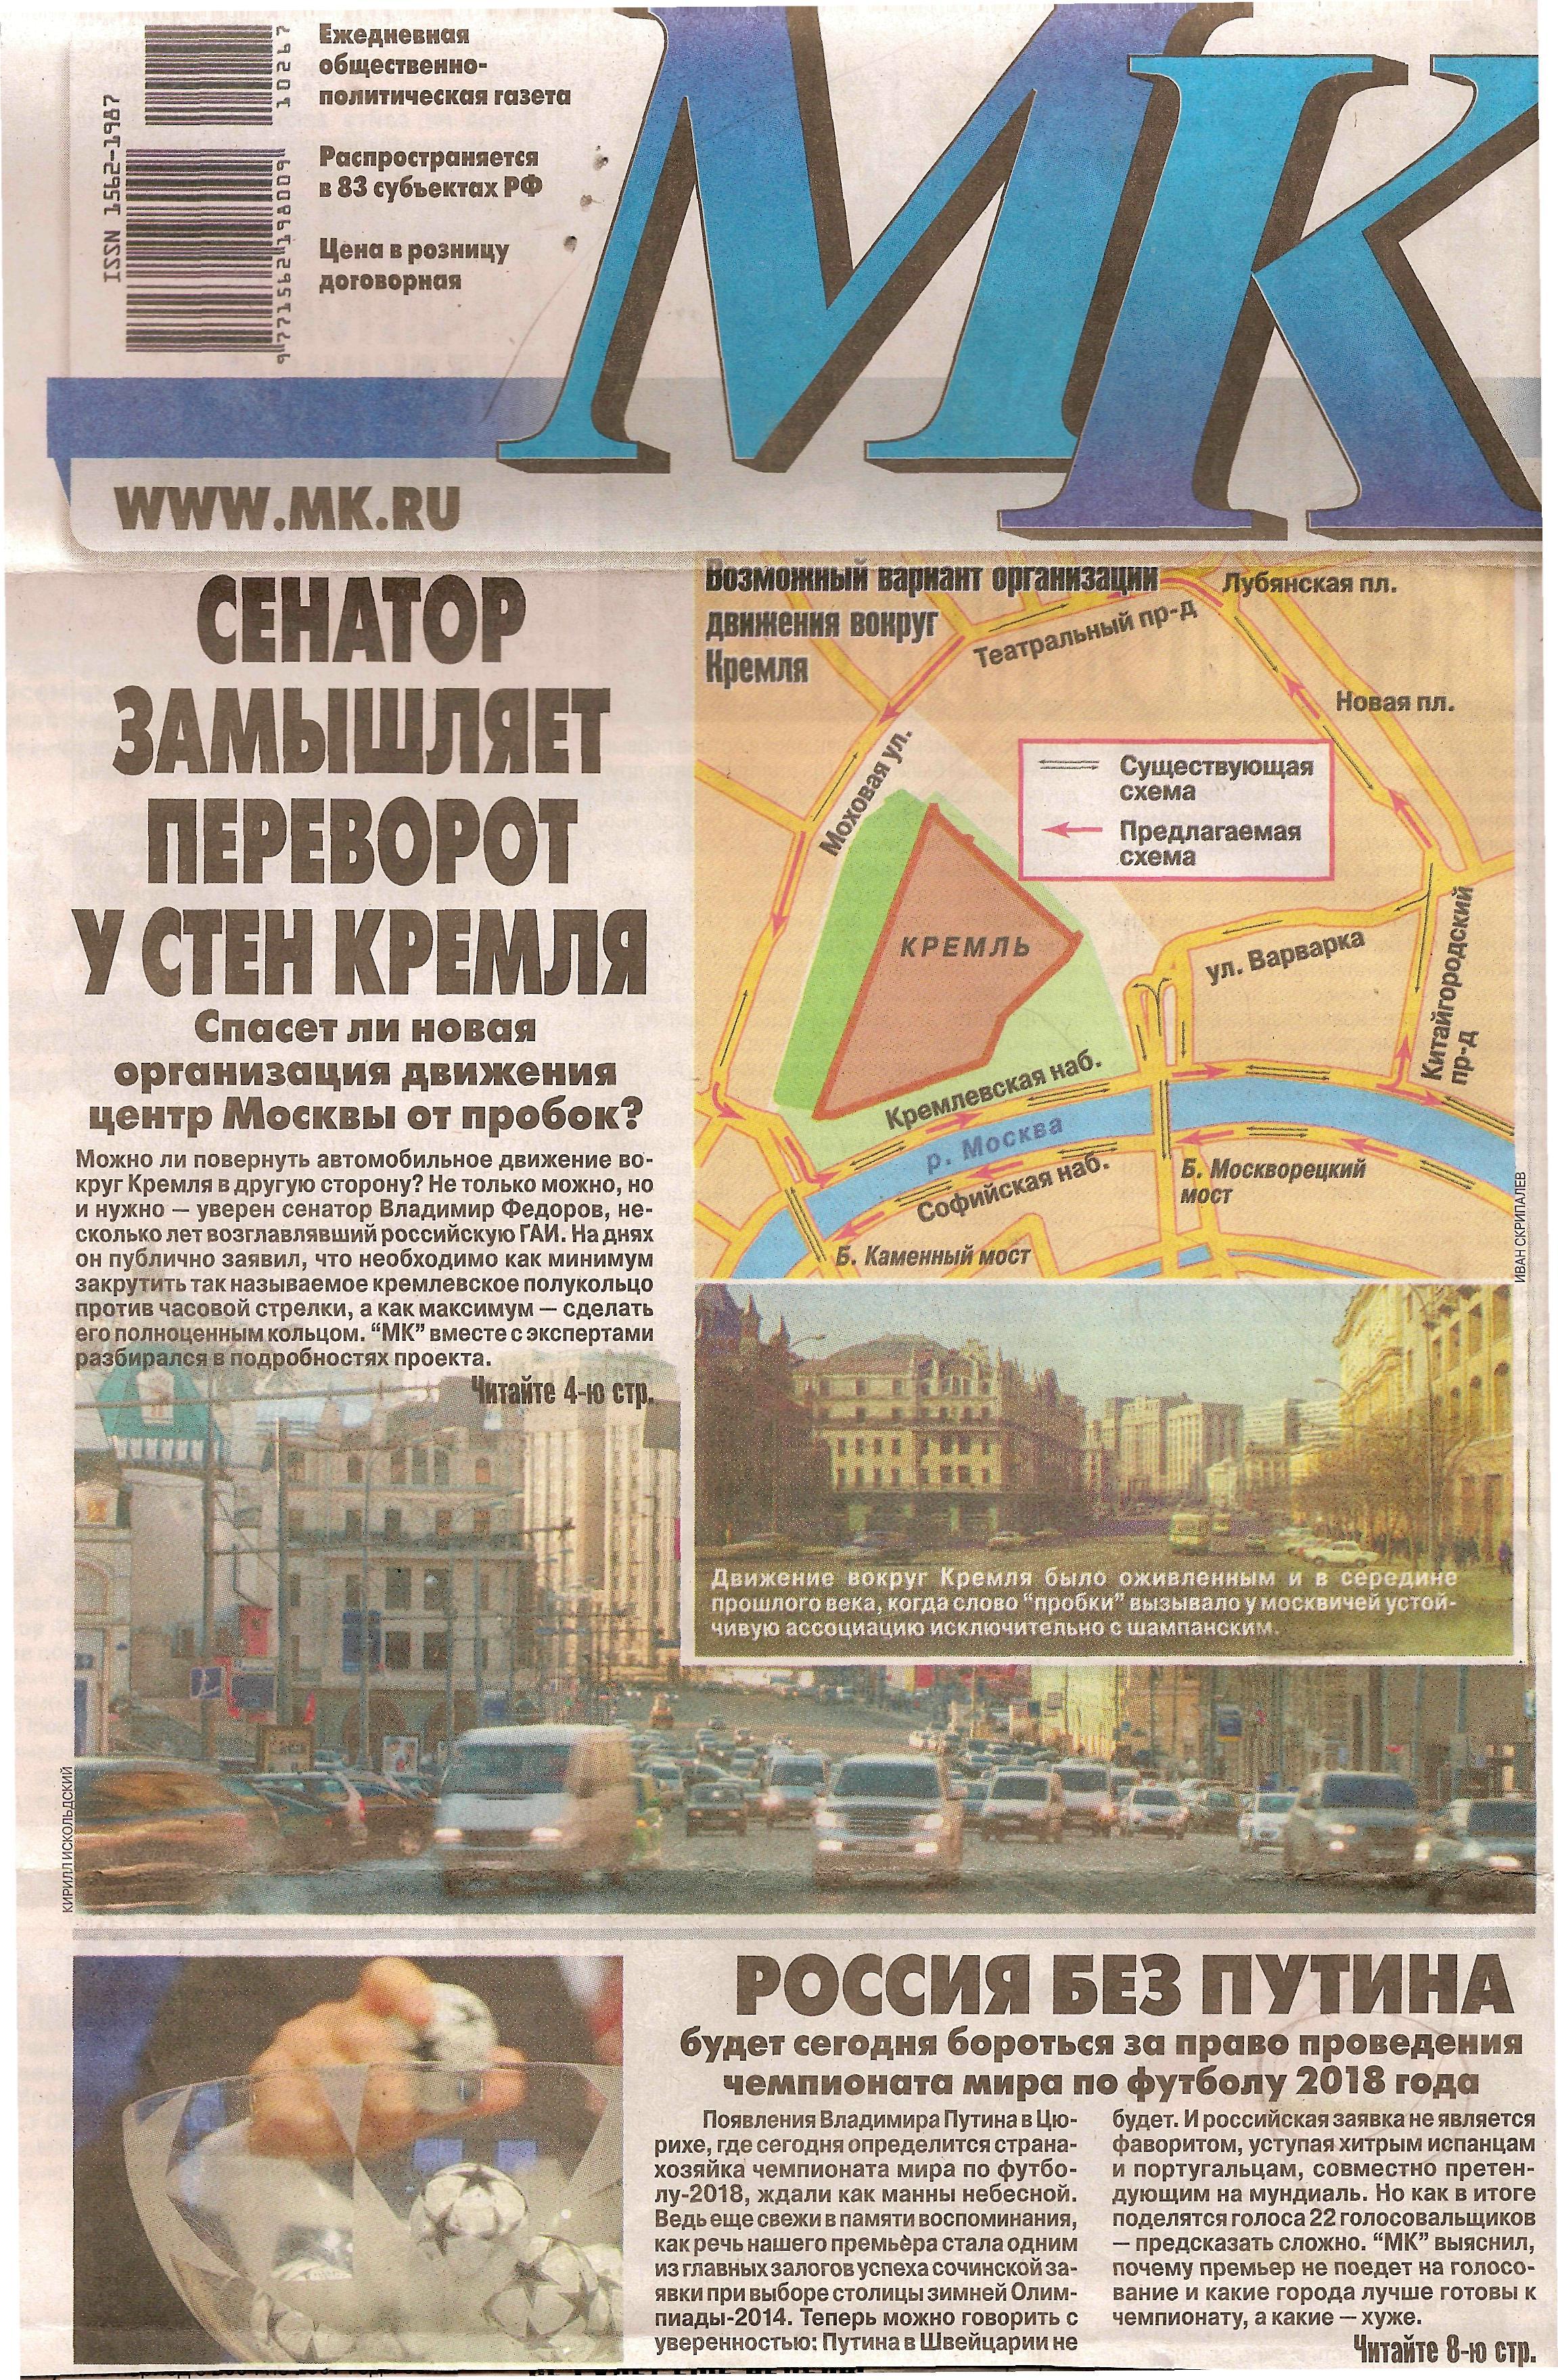 Подготовка событий на Манежной.Анализируем!